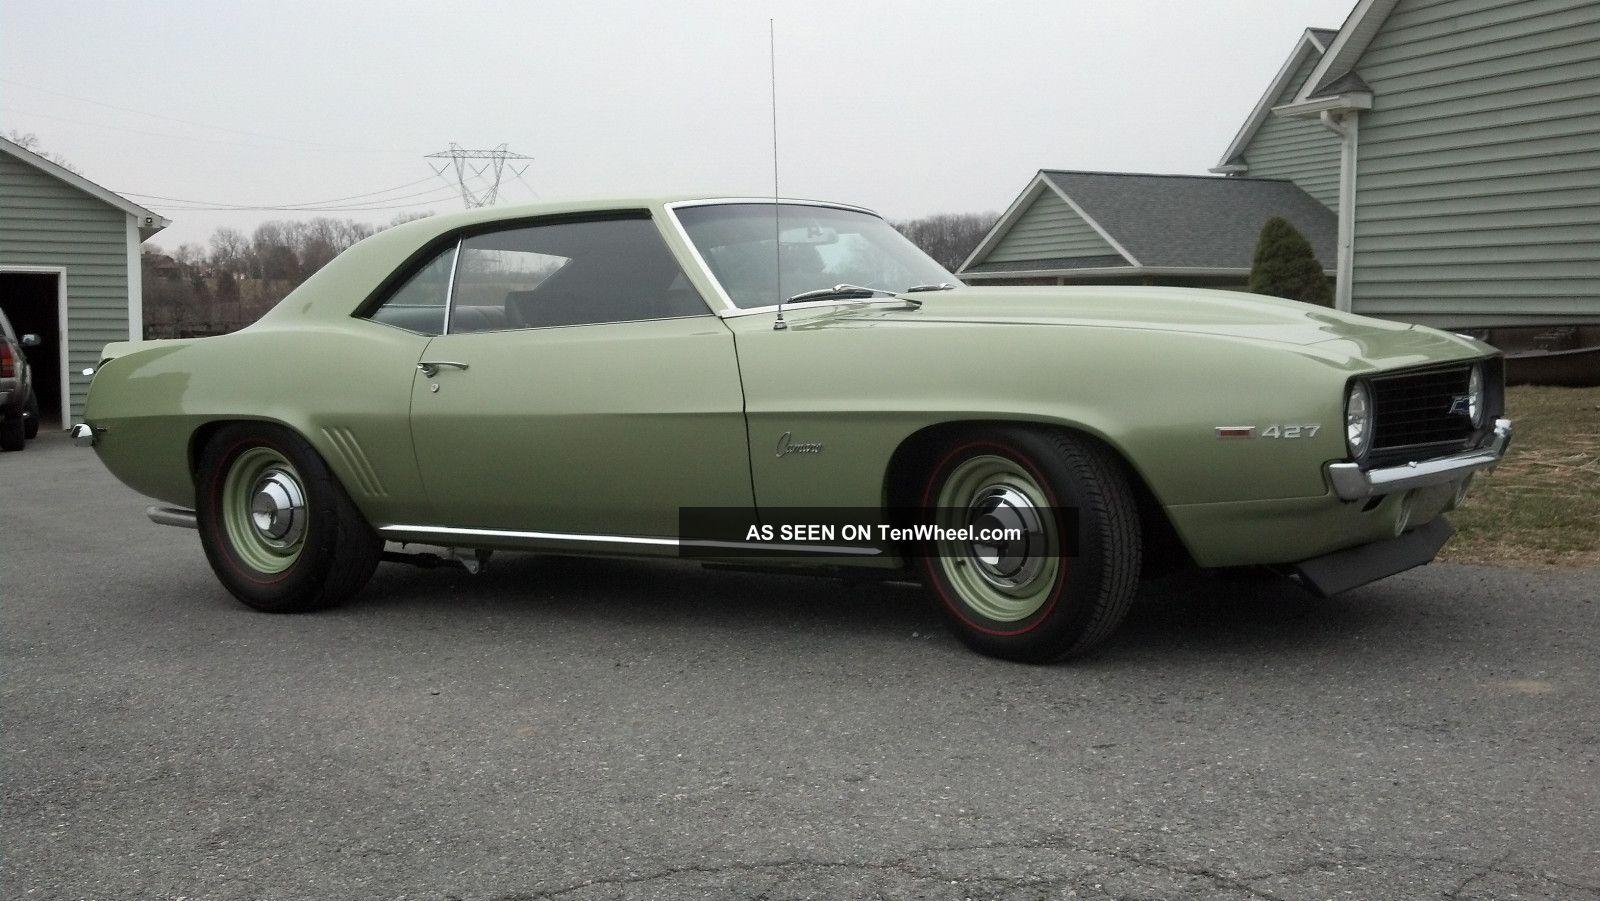 1969 Copo Camero Replica 427 L88